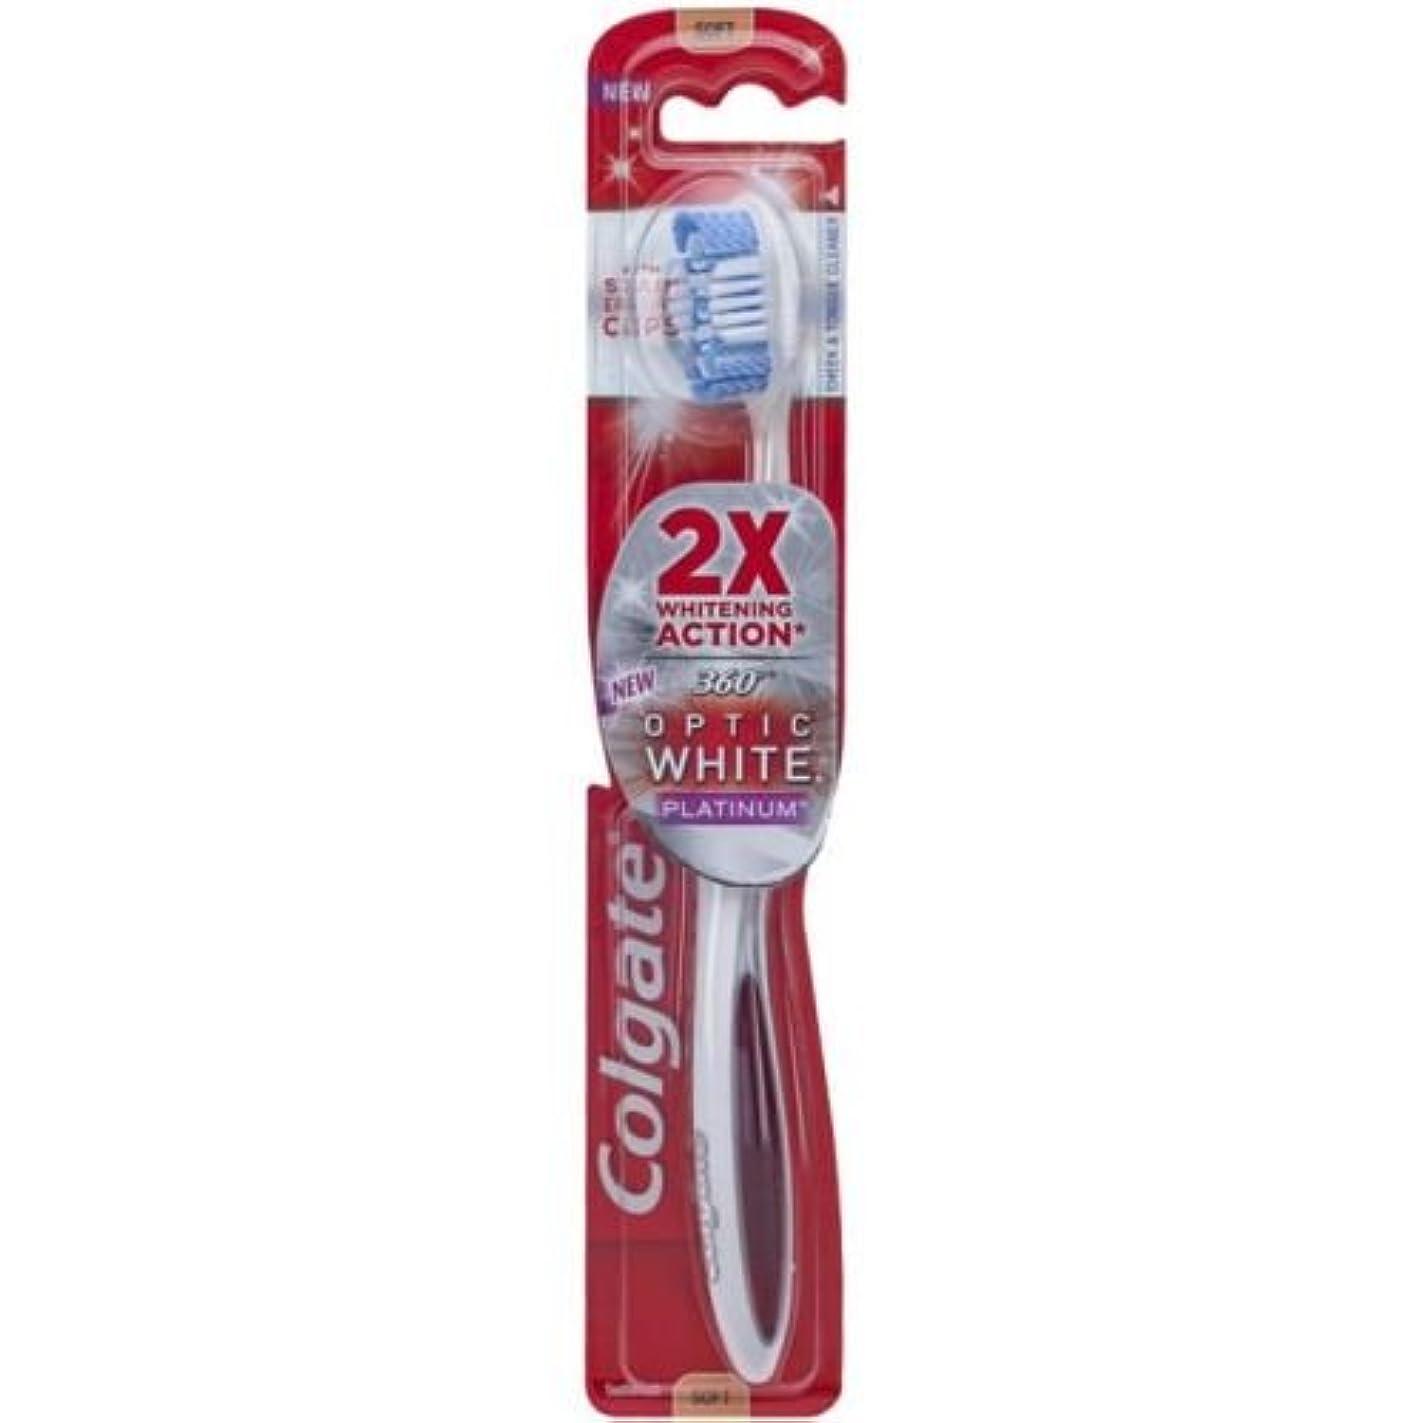 離婚討論布Colgate オプティックホワイトコンパクトヘッドミディアム毛の歯ブラシプラスホワイトニングペンジェル - ケースあたり6。